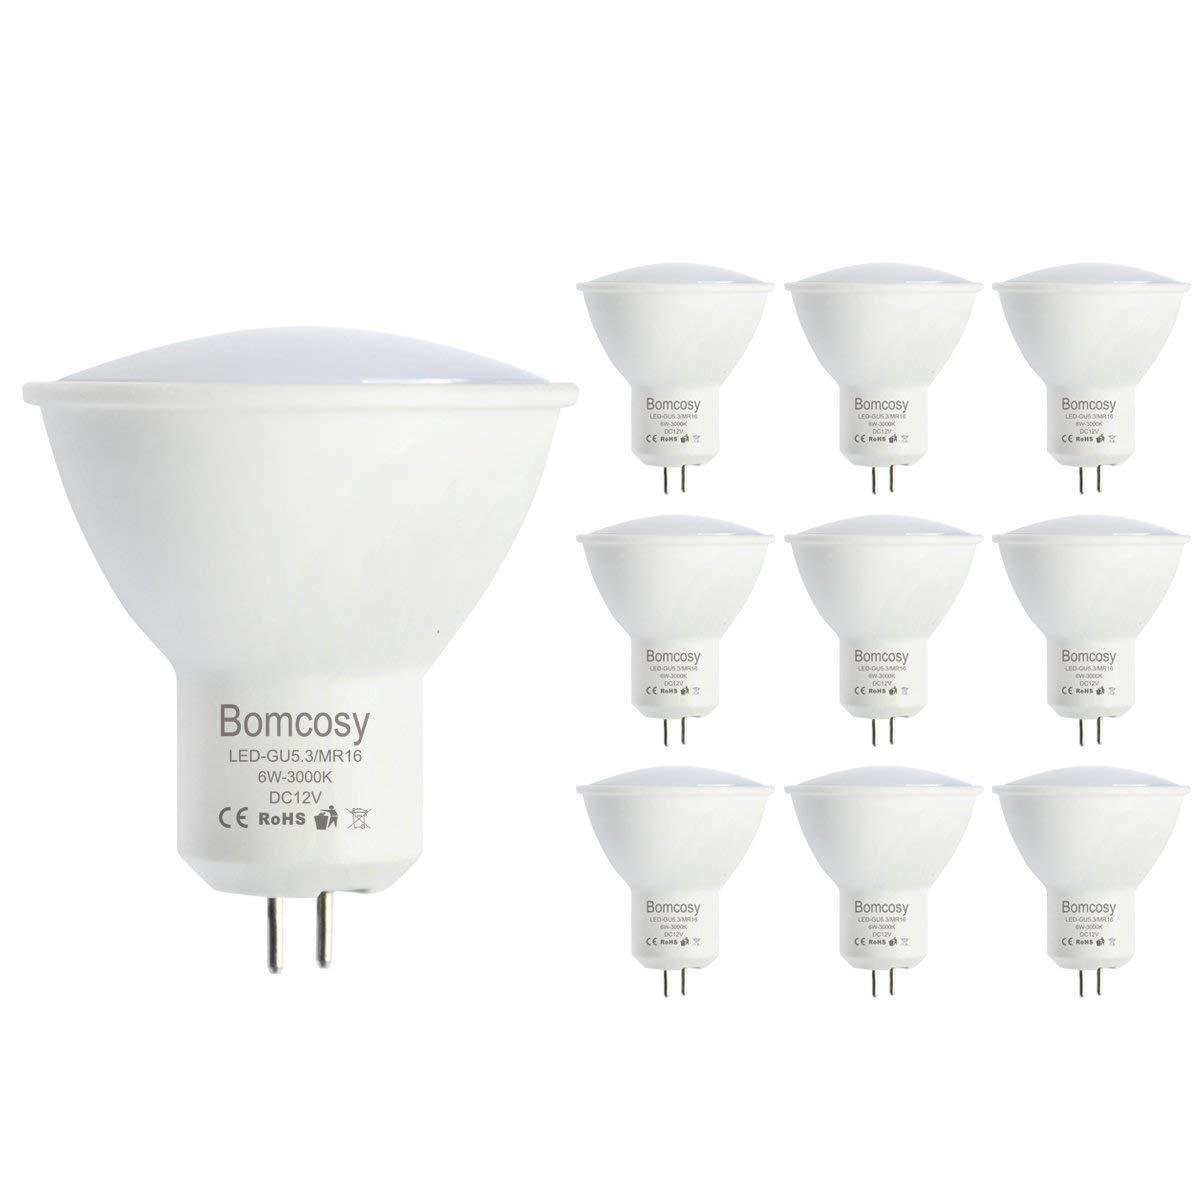 Bomcosy Bombilla LED MR16 12V 6W equivalente a 50W Casquillo GU5.3 Luz Blanca Frio 6000K 120 Grados Inundaciones Ángulo 510lm No Regulable Pack de 10: ...